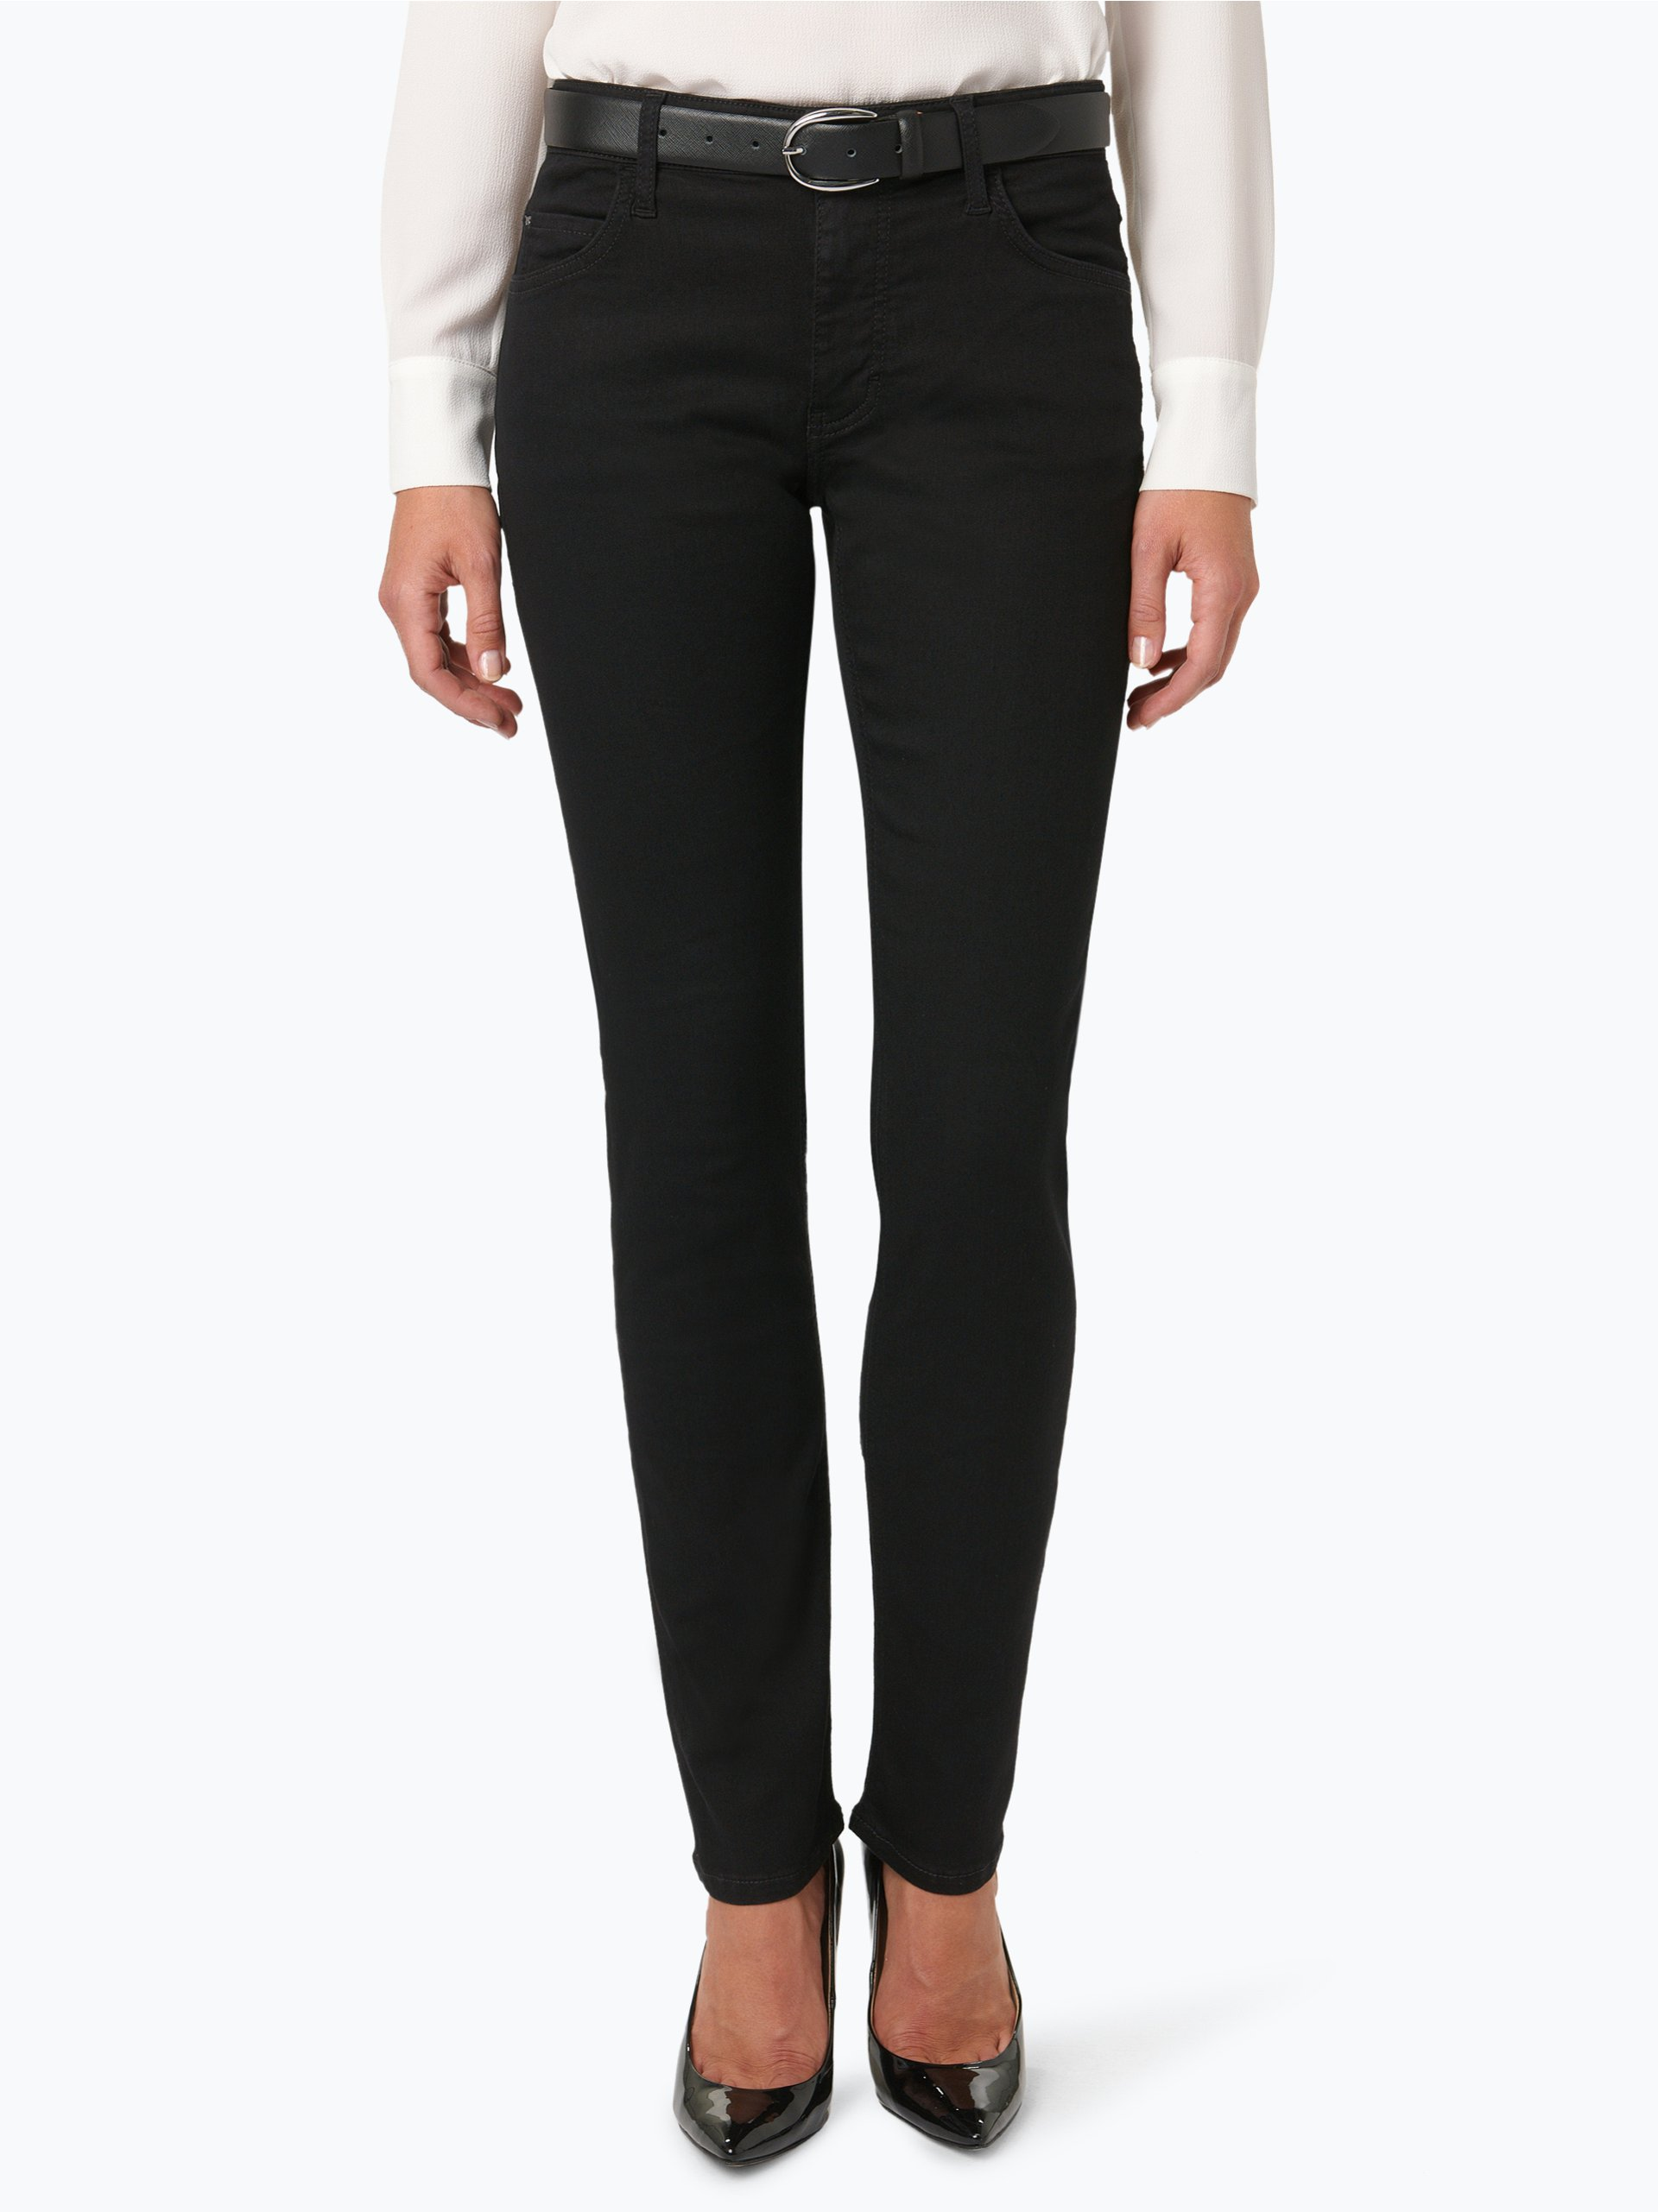 mustang damen jeans sissy schwarz uni online kaufen peek und cloppenburg de. Black Bedroom Furniture Sets. Home Design Ideas